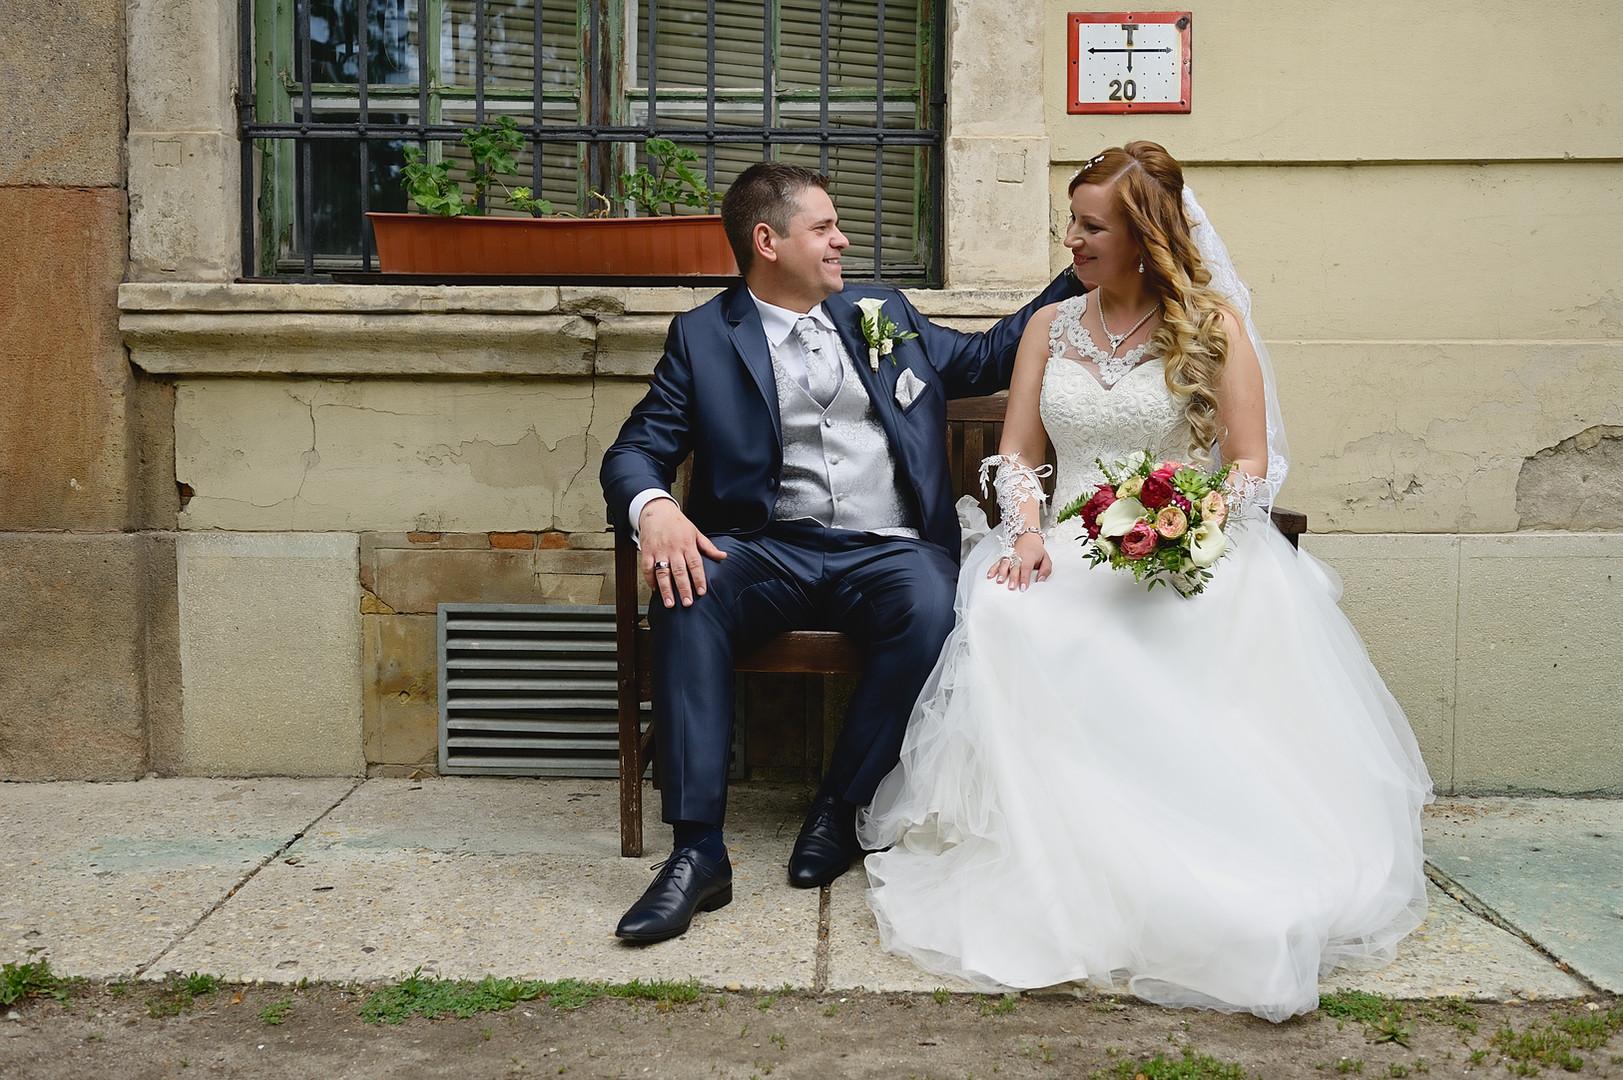 407  Esküvői fotózás - Enikő és Peti KRE